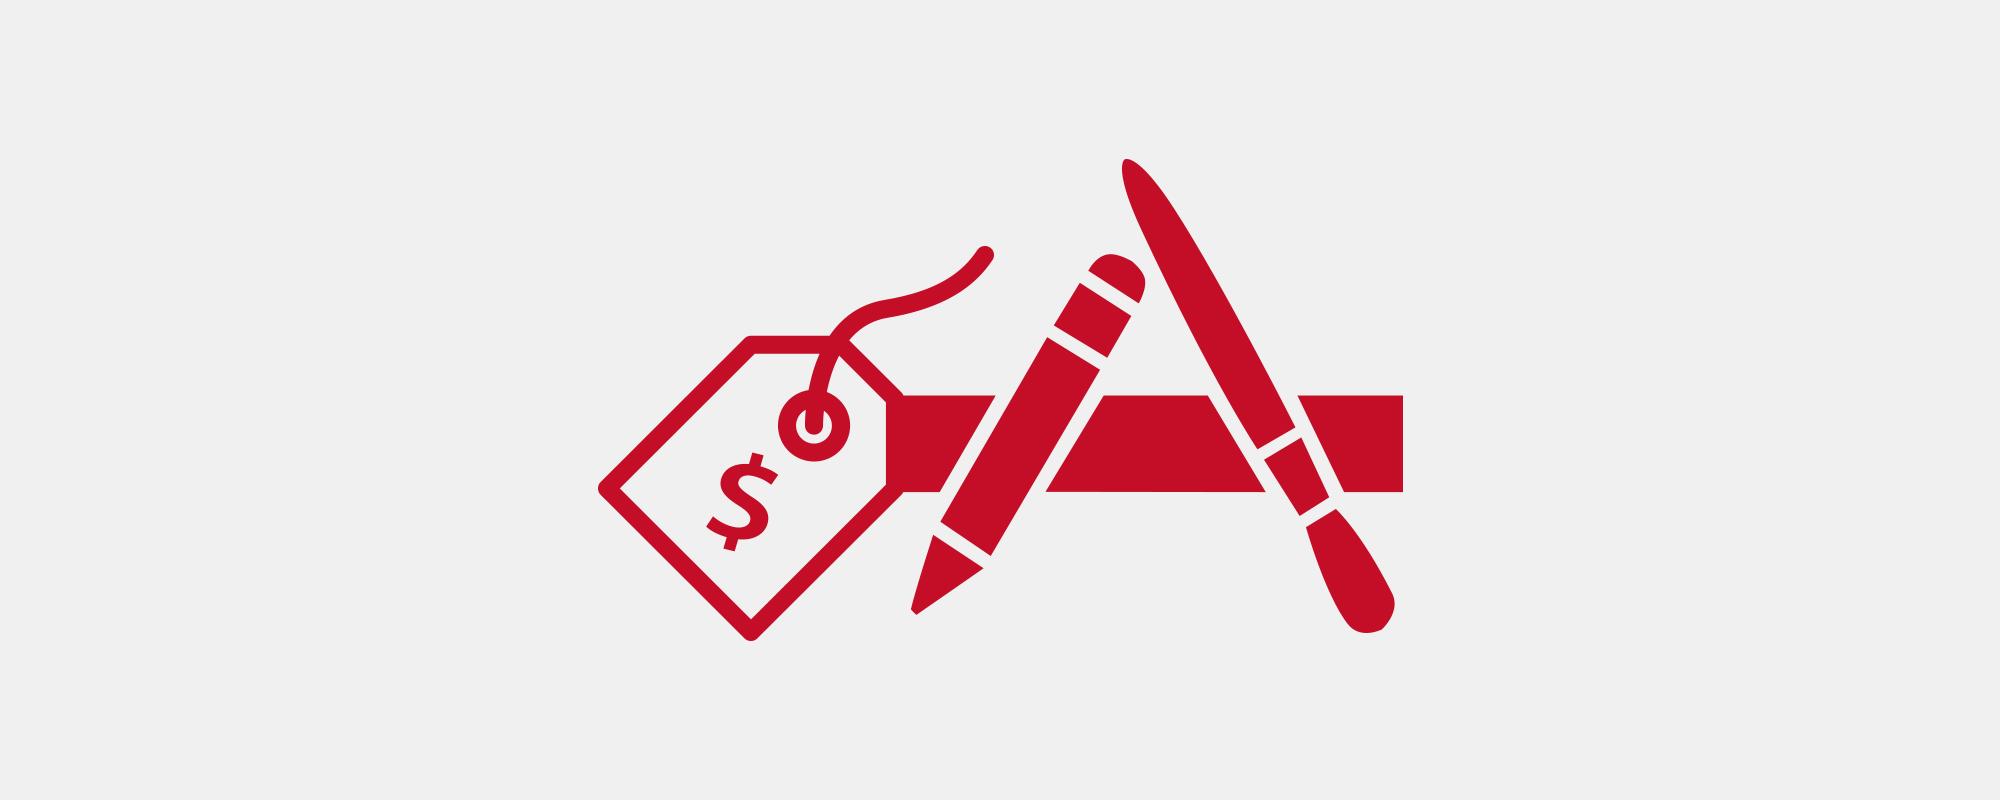 Makowe-ABC-Deals-Logo-02-2000x800-f0f0f0